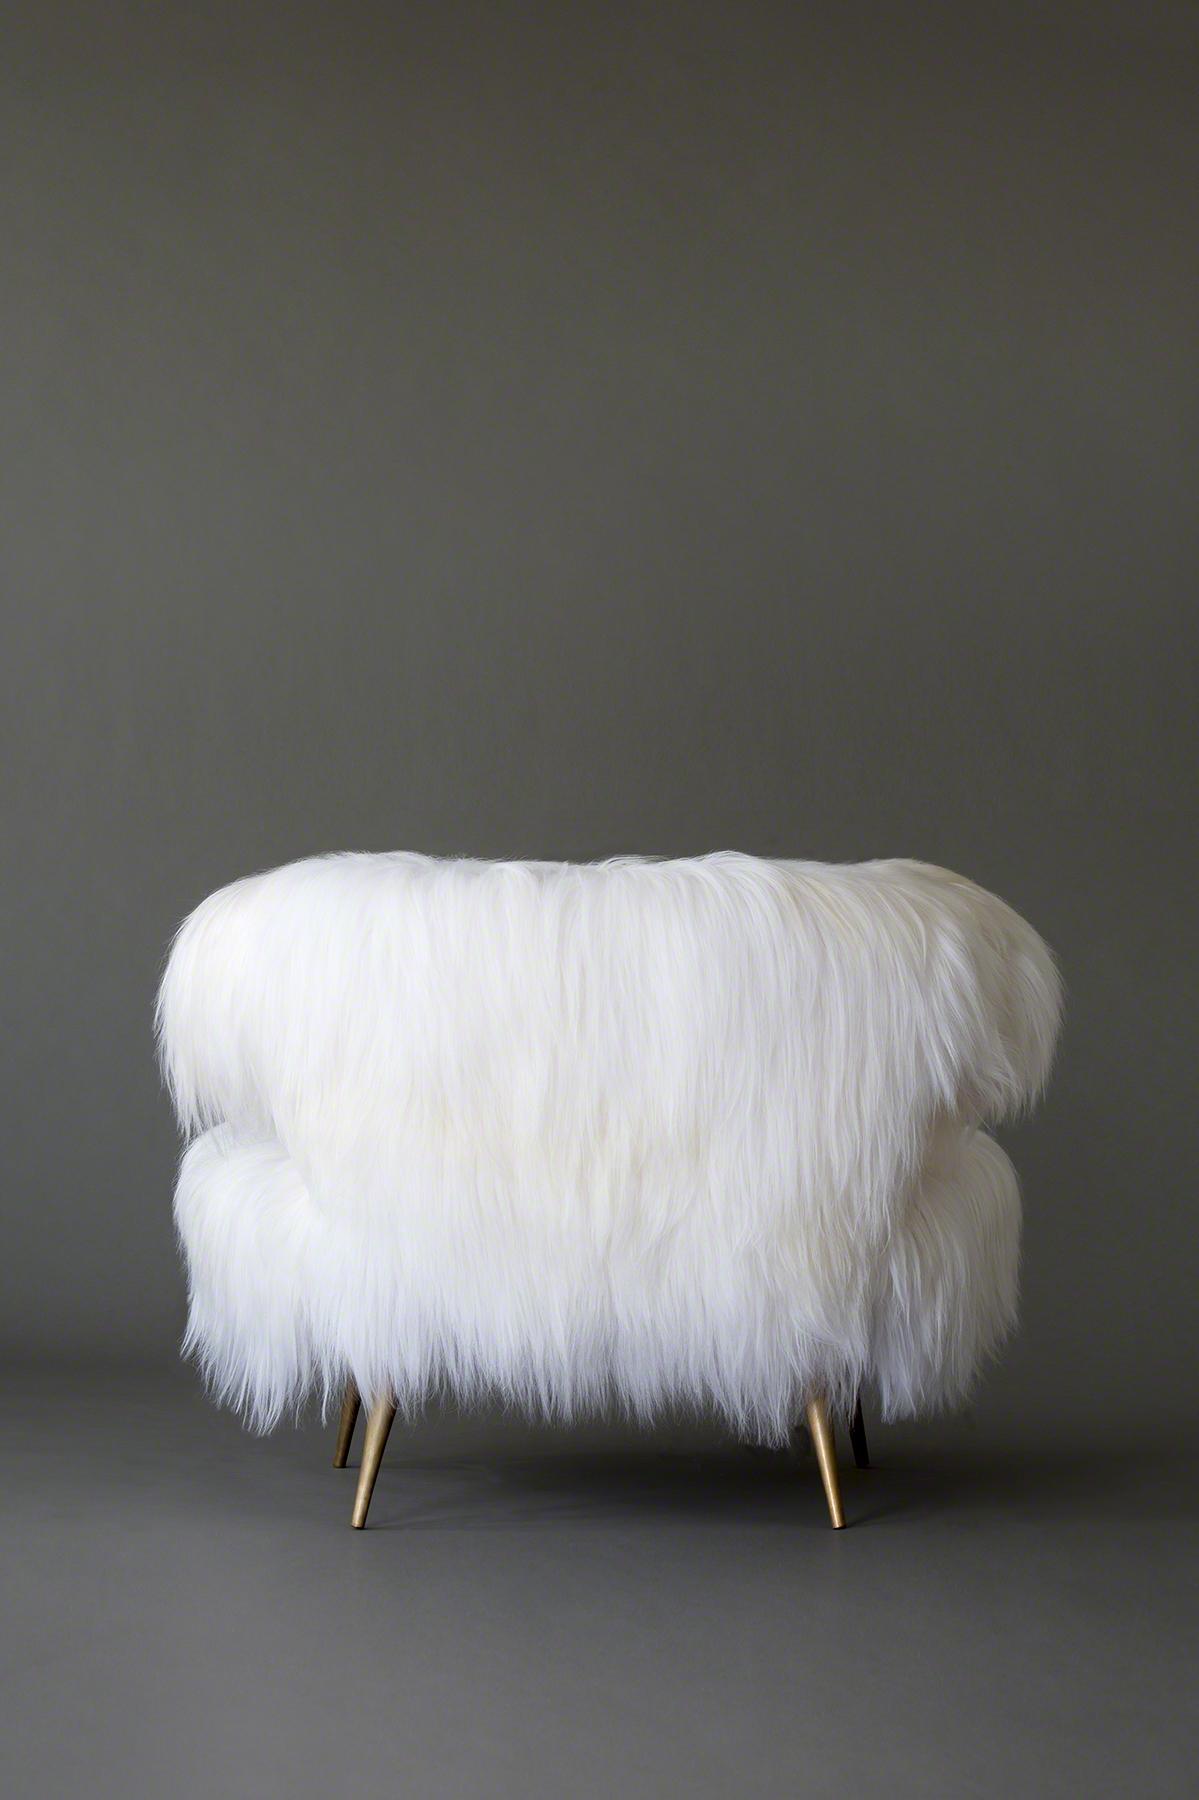 woolly_bella_back_vertical_large.jpg